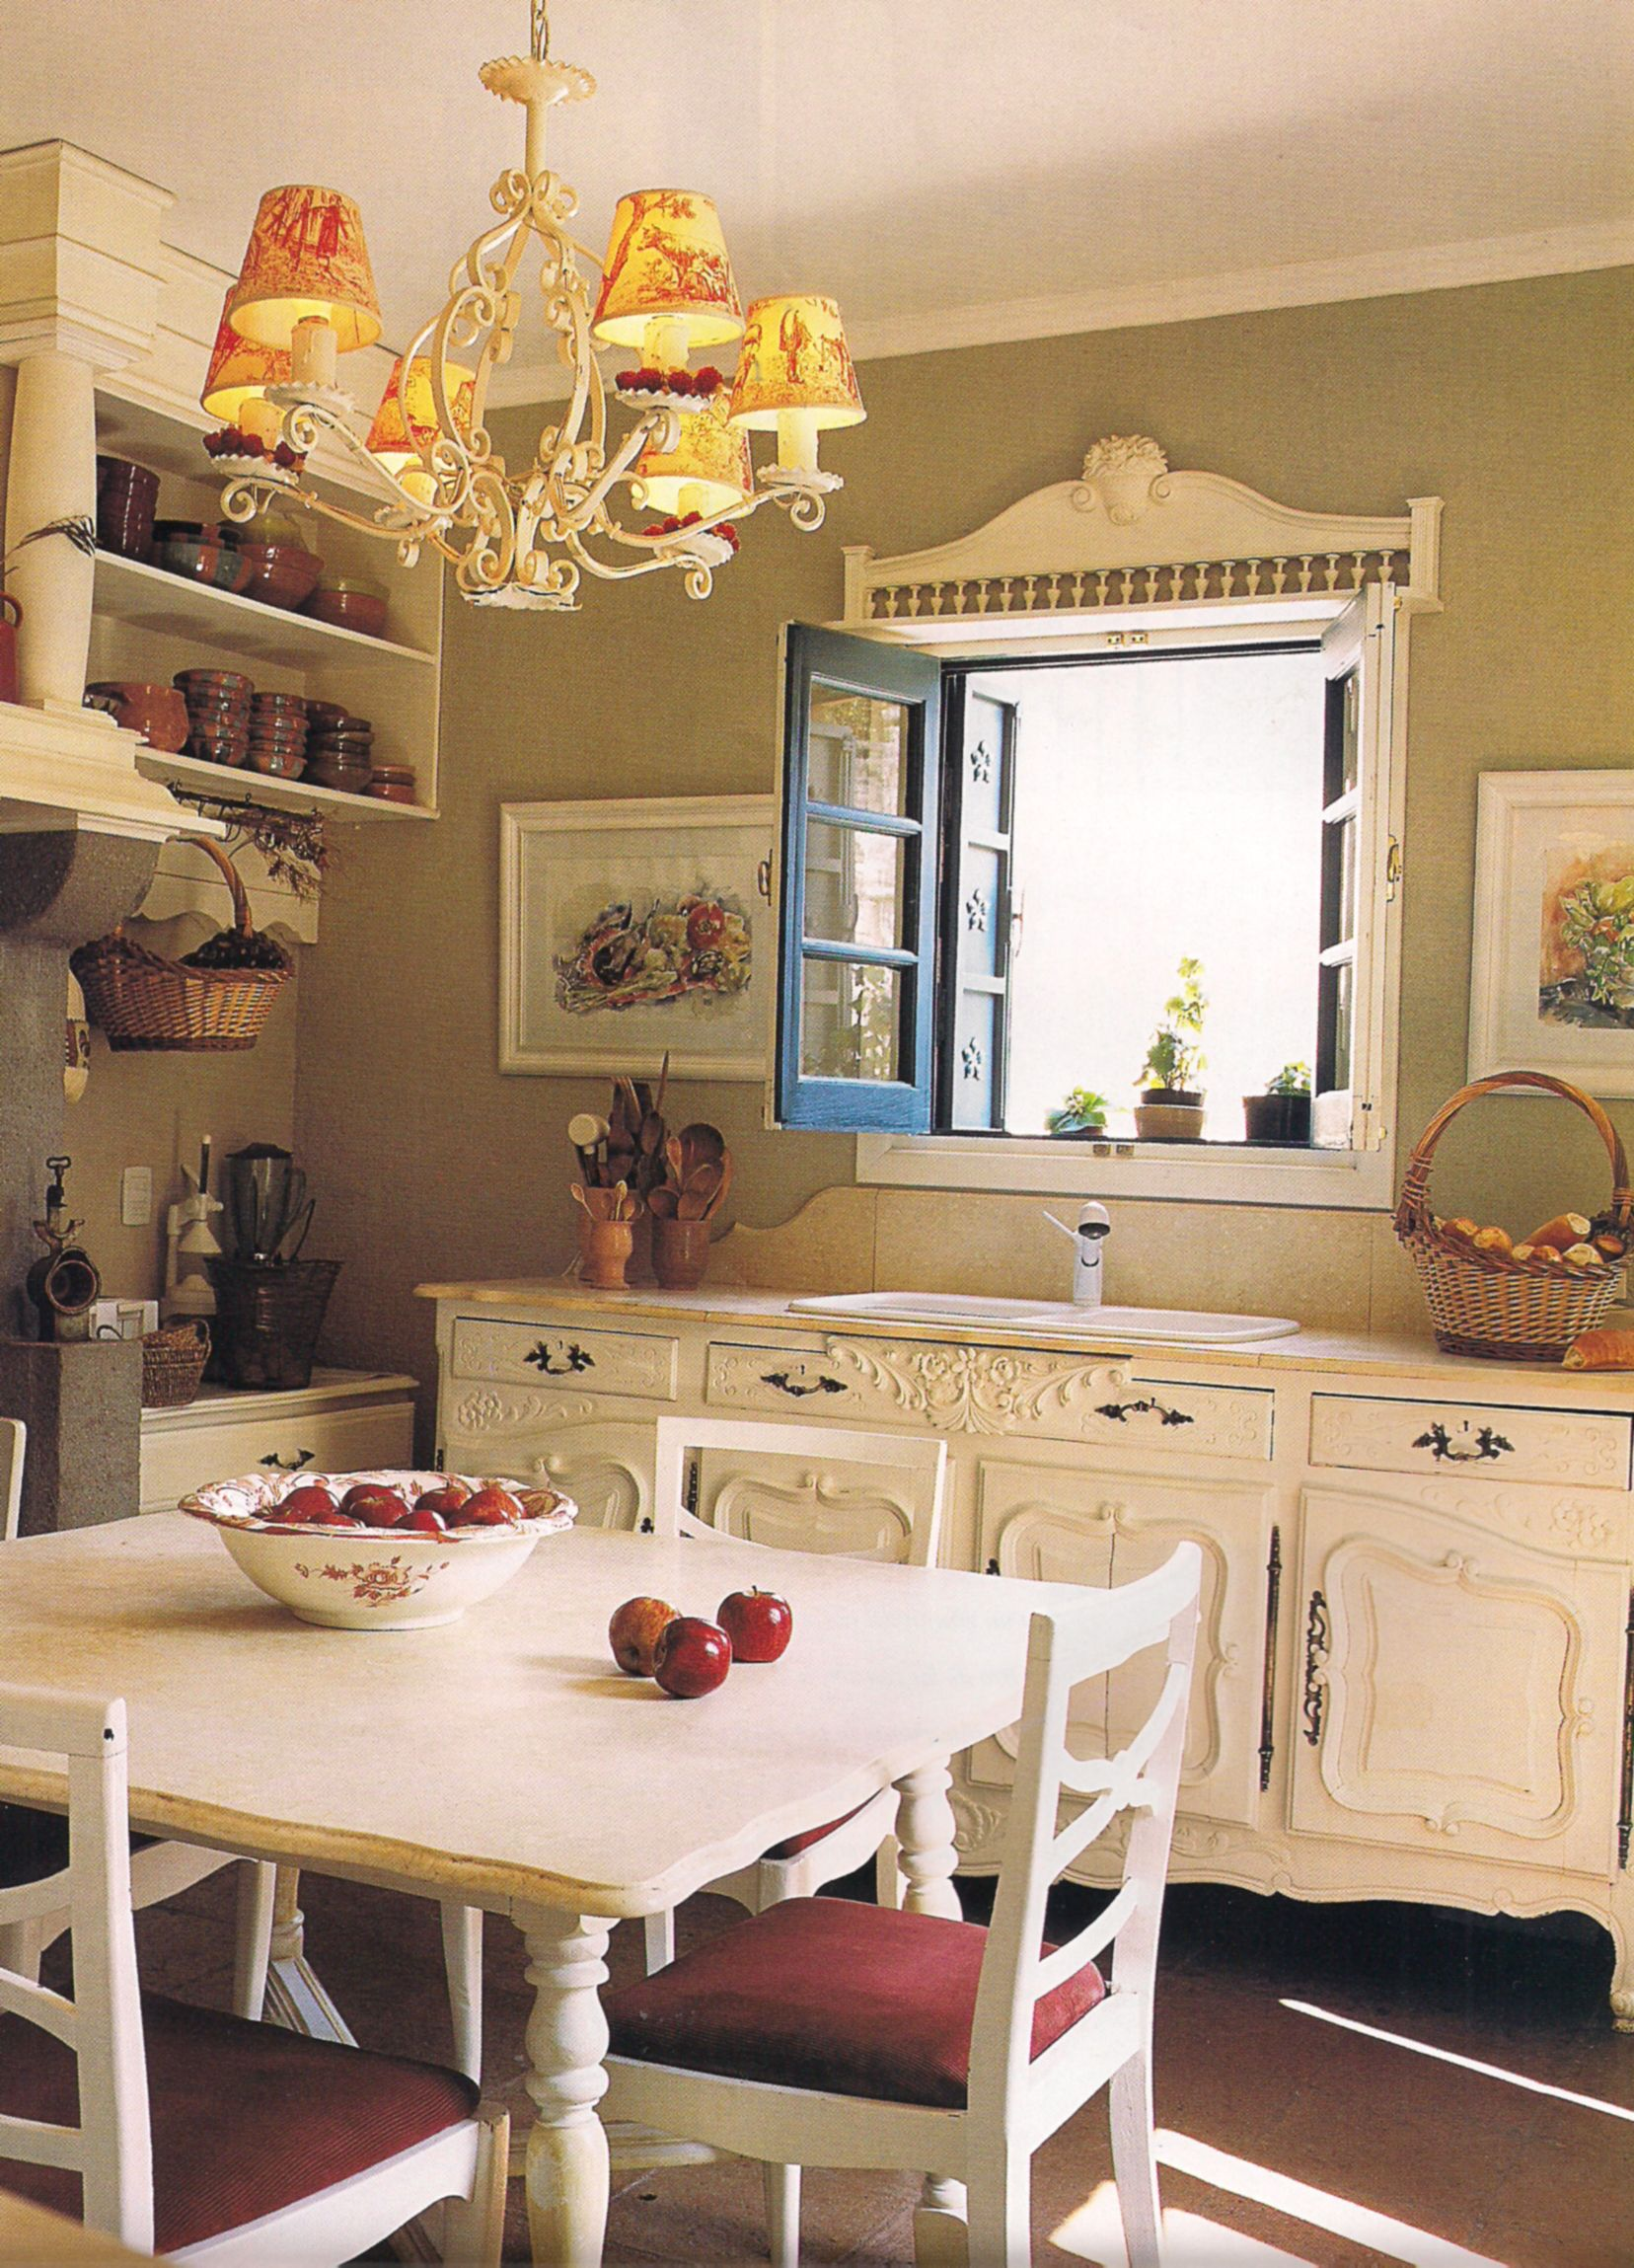 Pintar gabinetes de cocina ideas uk - Mueble Antiguo Pintado De Blanco Y Convertido En Mueble De Cocina